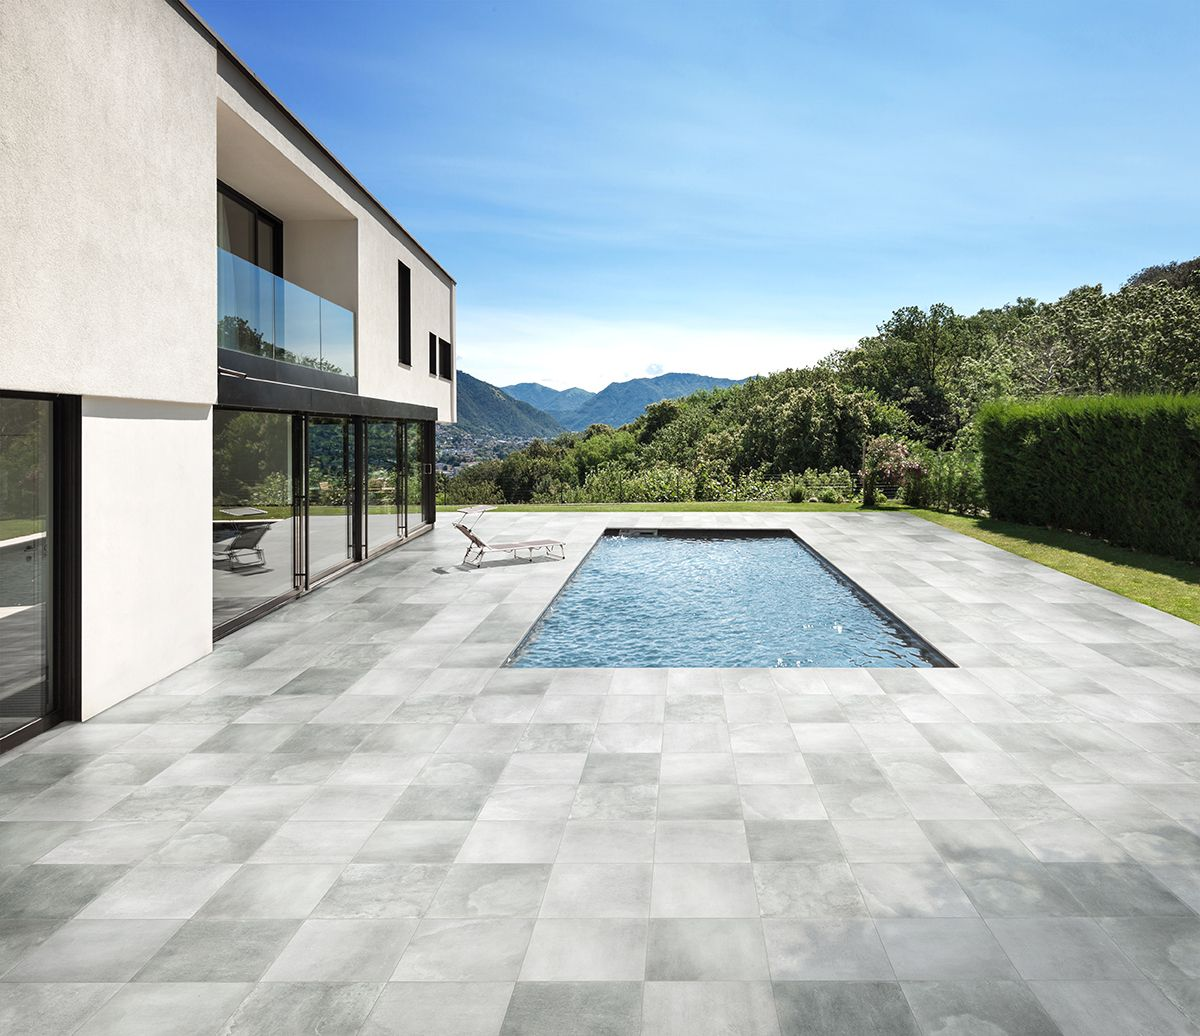 terrassenbereich mit einer fliese in einer natursteinoptik. Black Bedroom Furniture Sets. Home Design Ideas